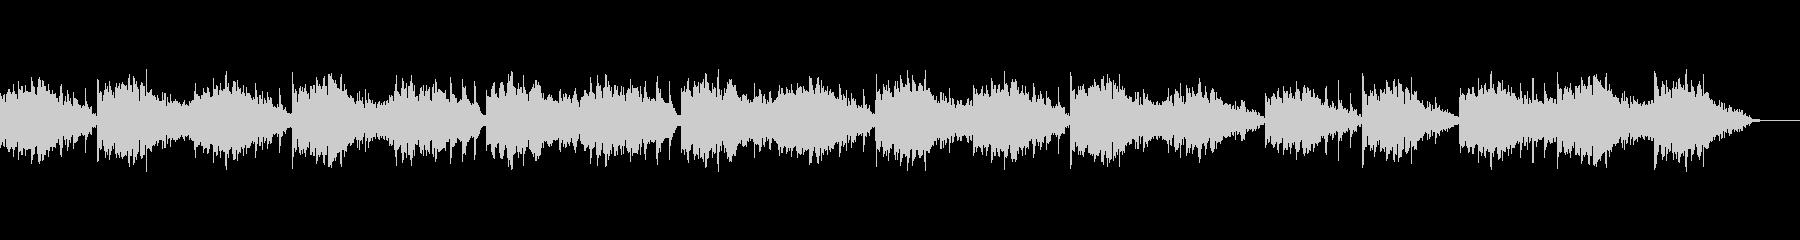 ハープ、ピアノ、チェンバロなどの癒しの曲の未再生の波形